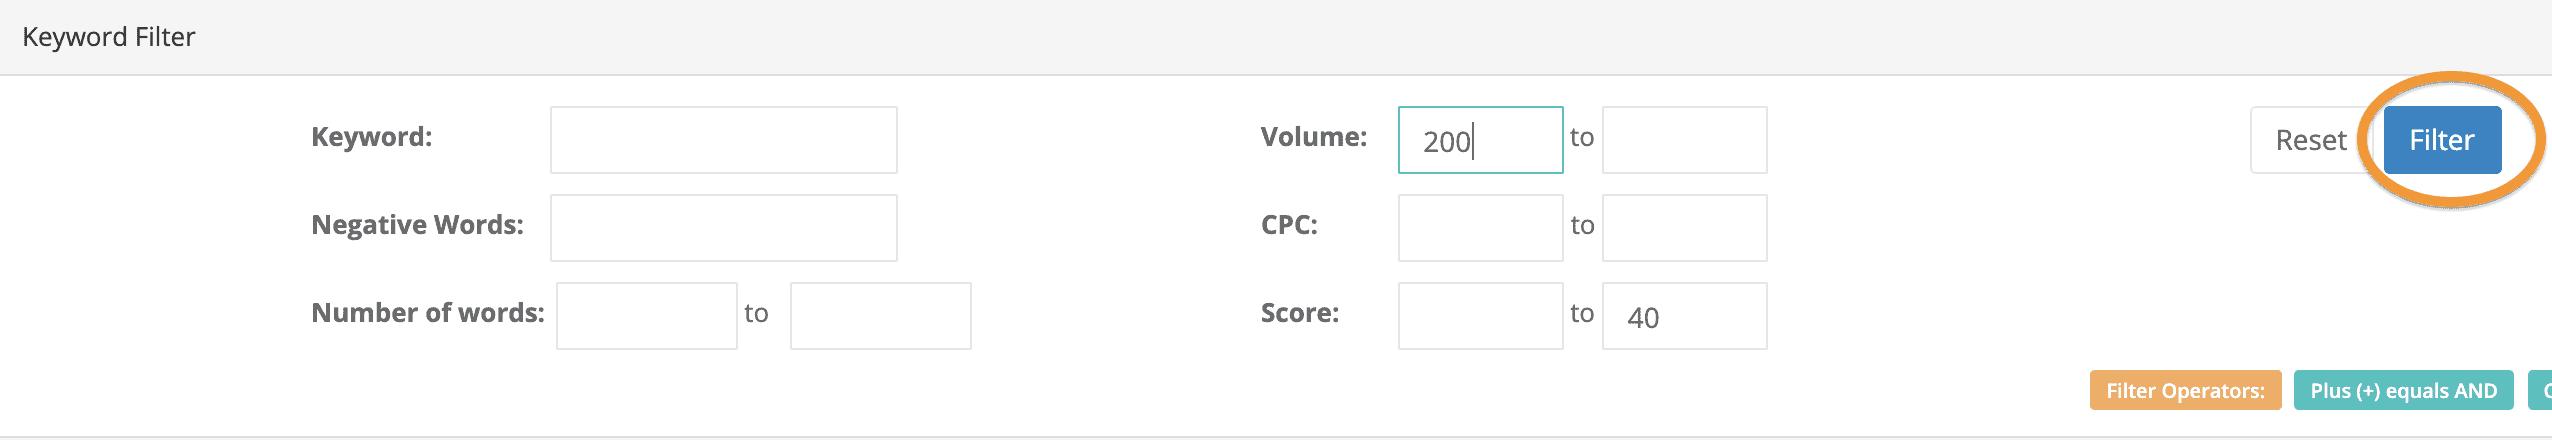 keyword filter values